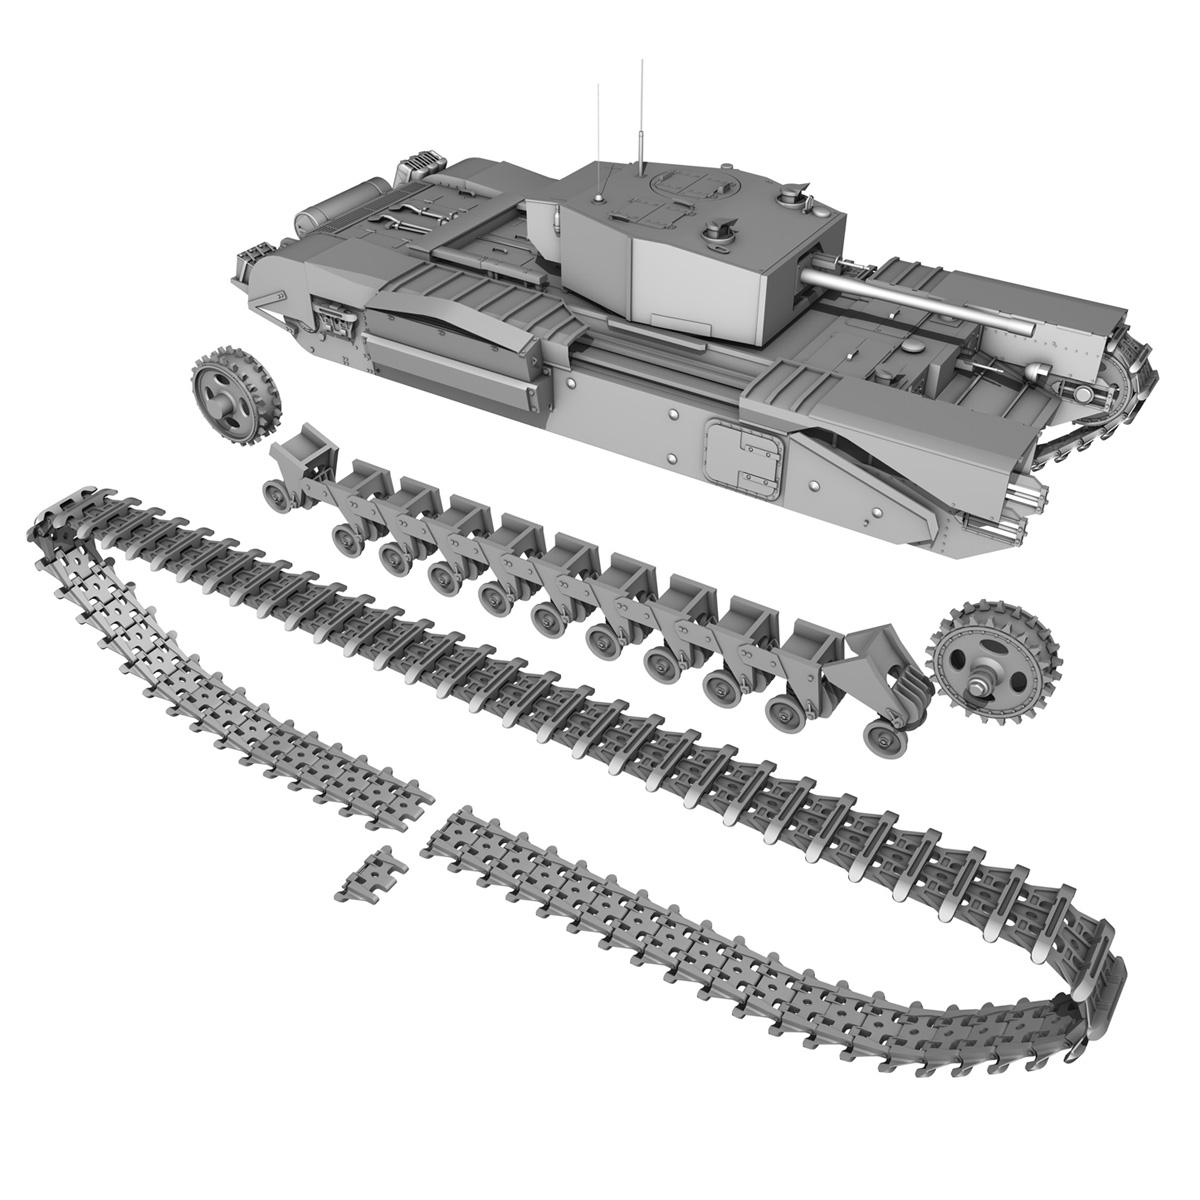 churchill infantry tank mk.iii 3d model 3ds fbx c4d lwo obj 271969